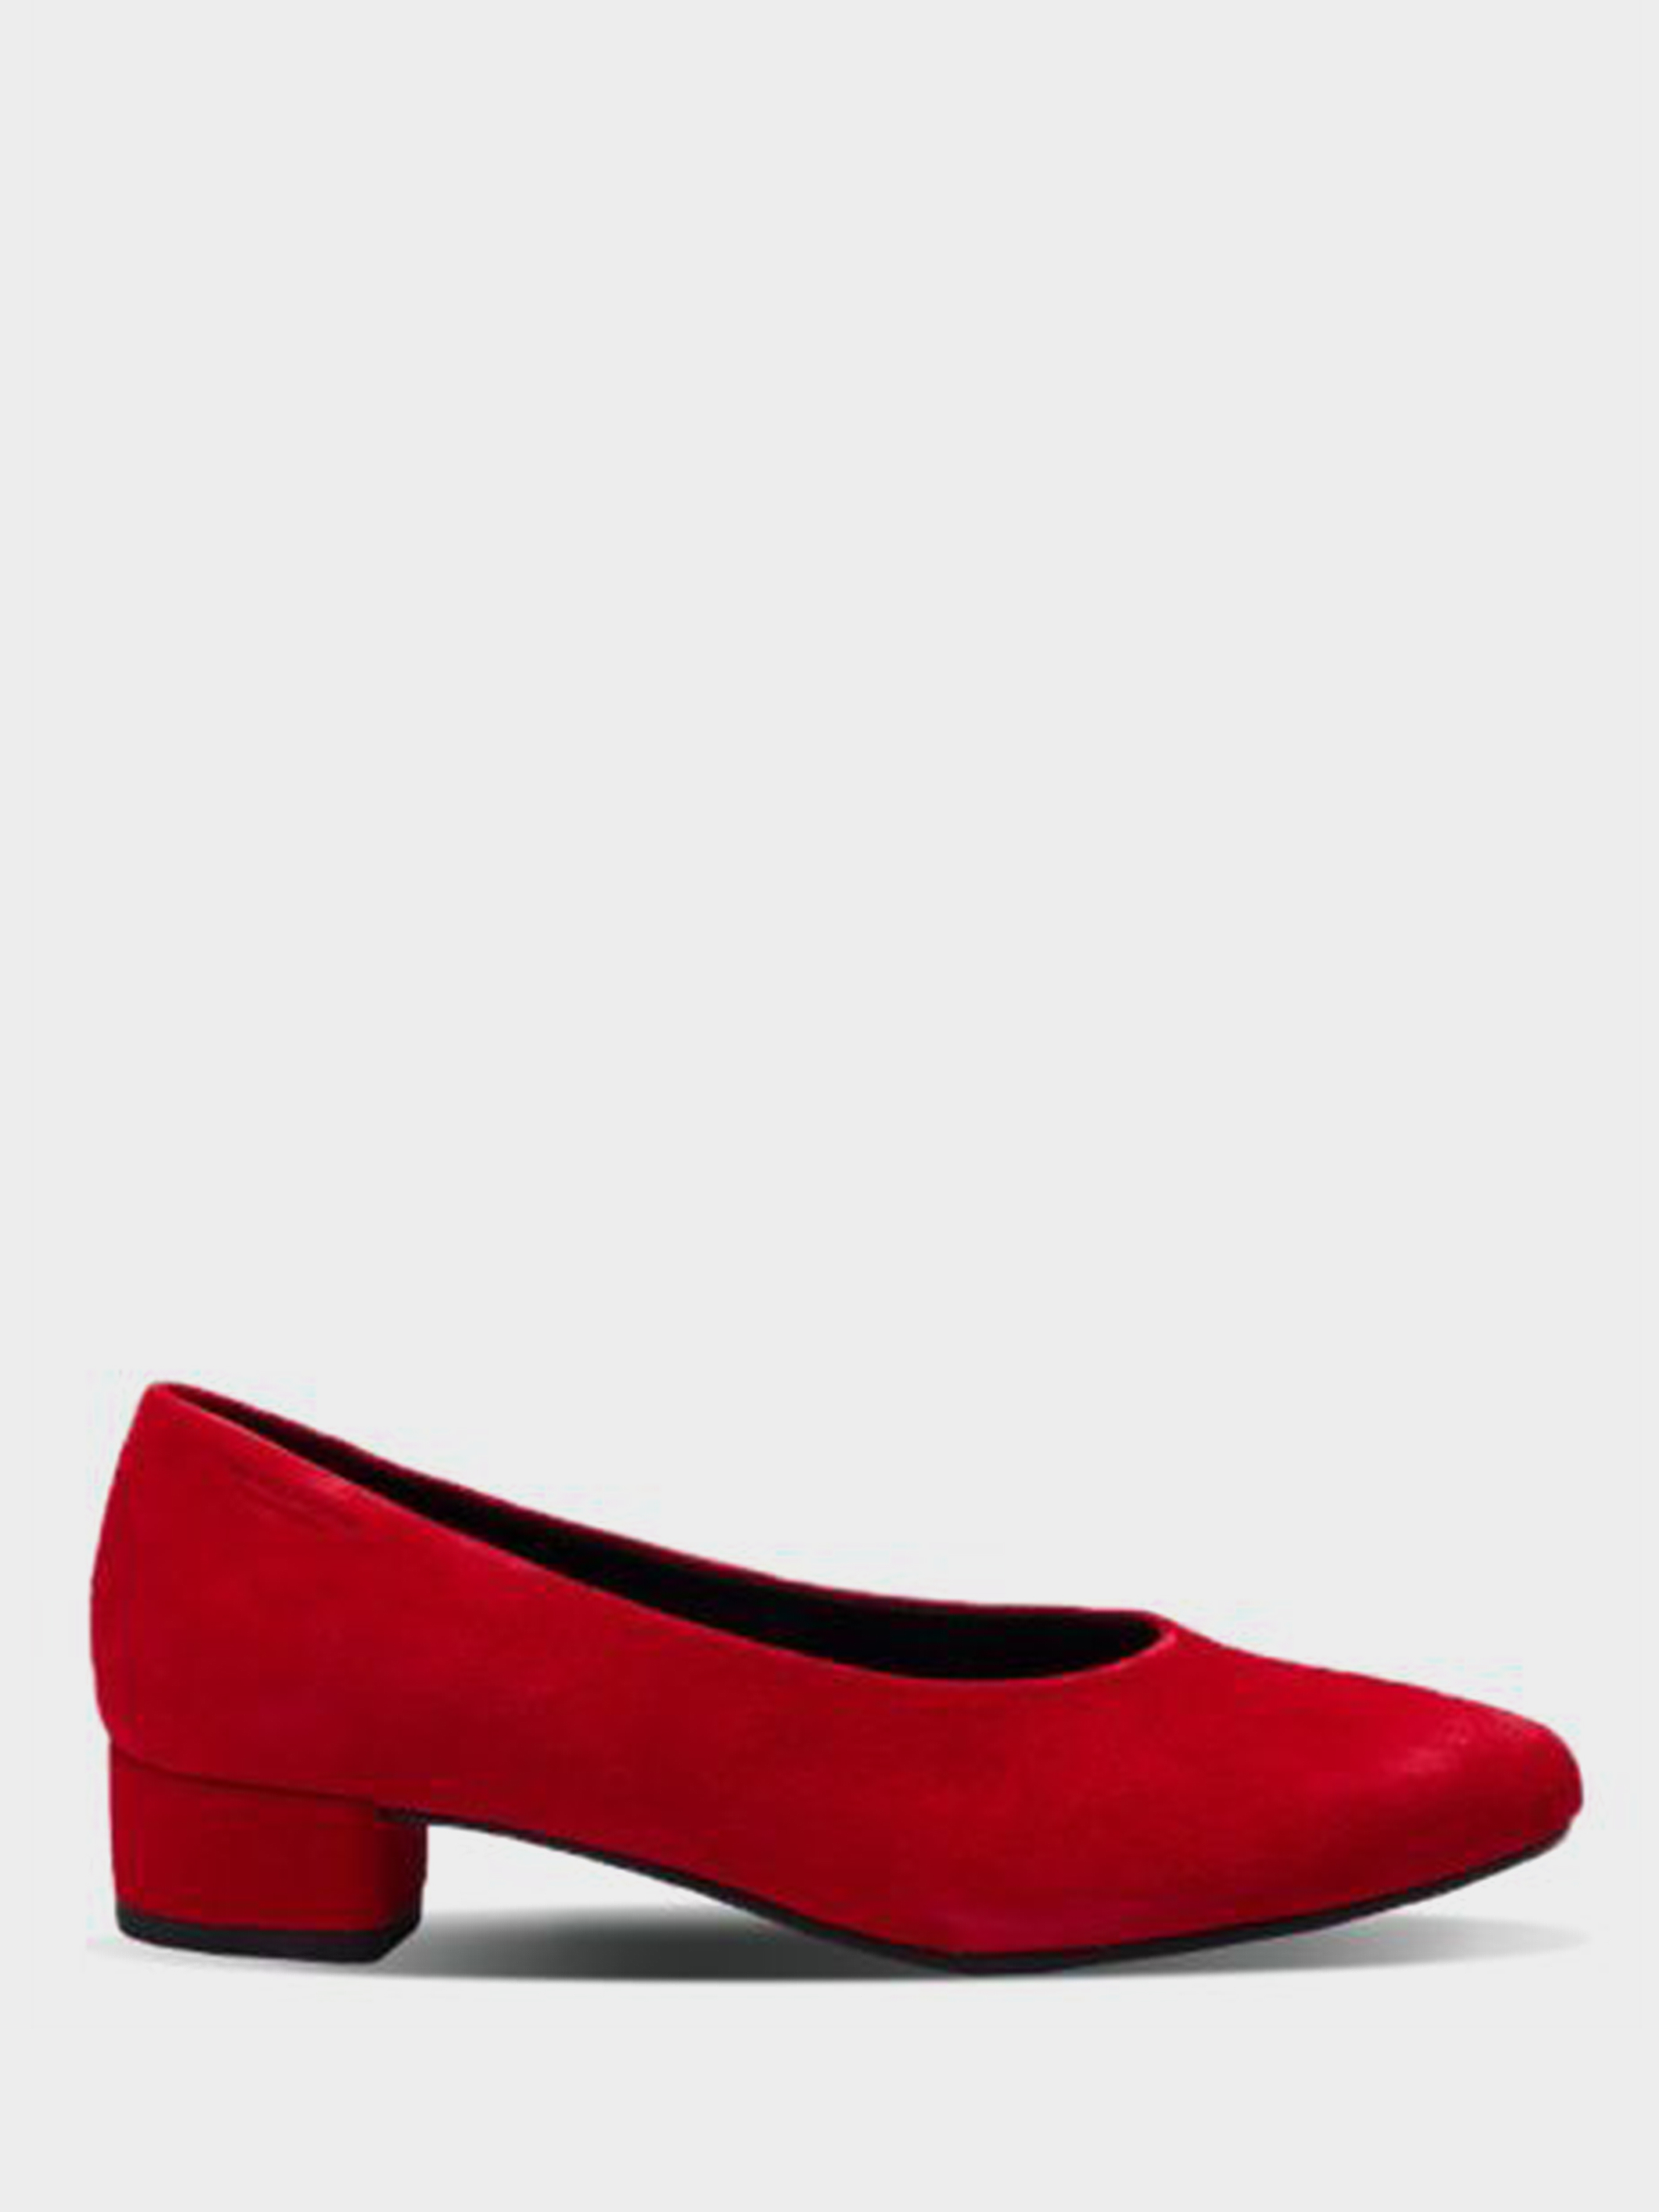 Купить Туфли женские VAGABOND ALICIA VW5580, Красный